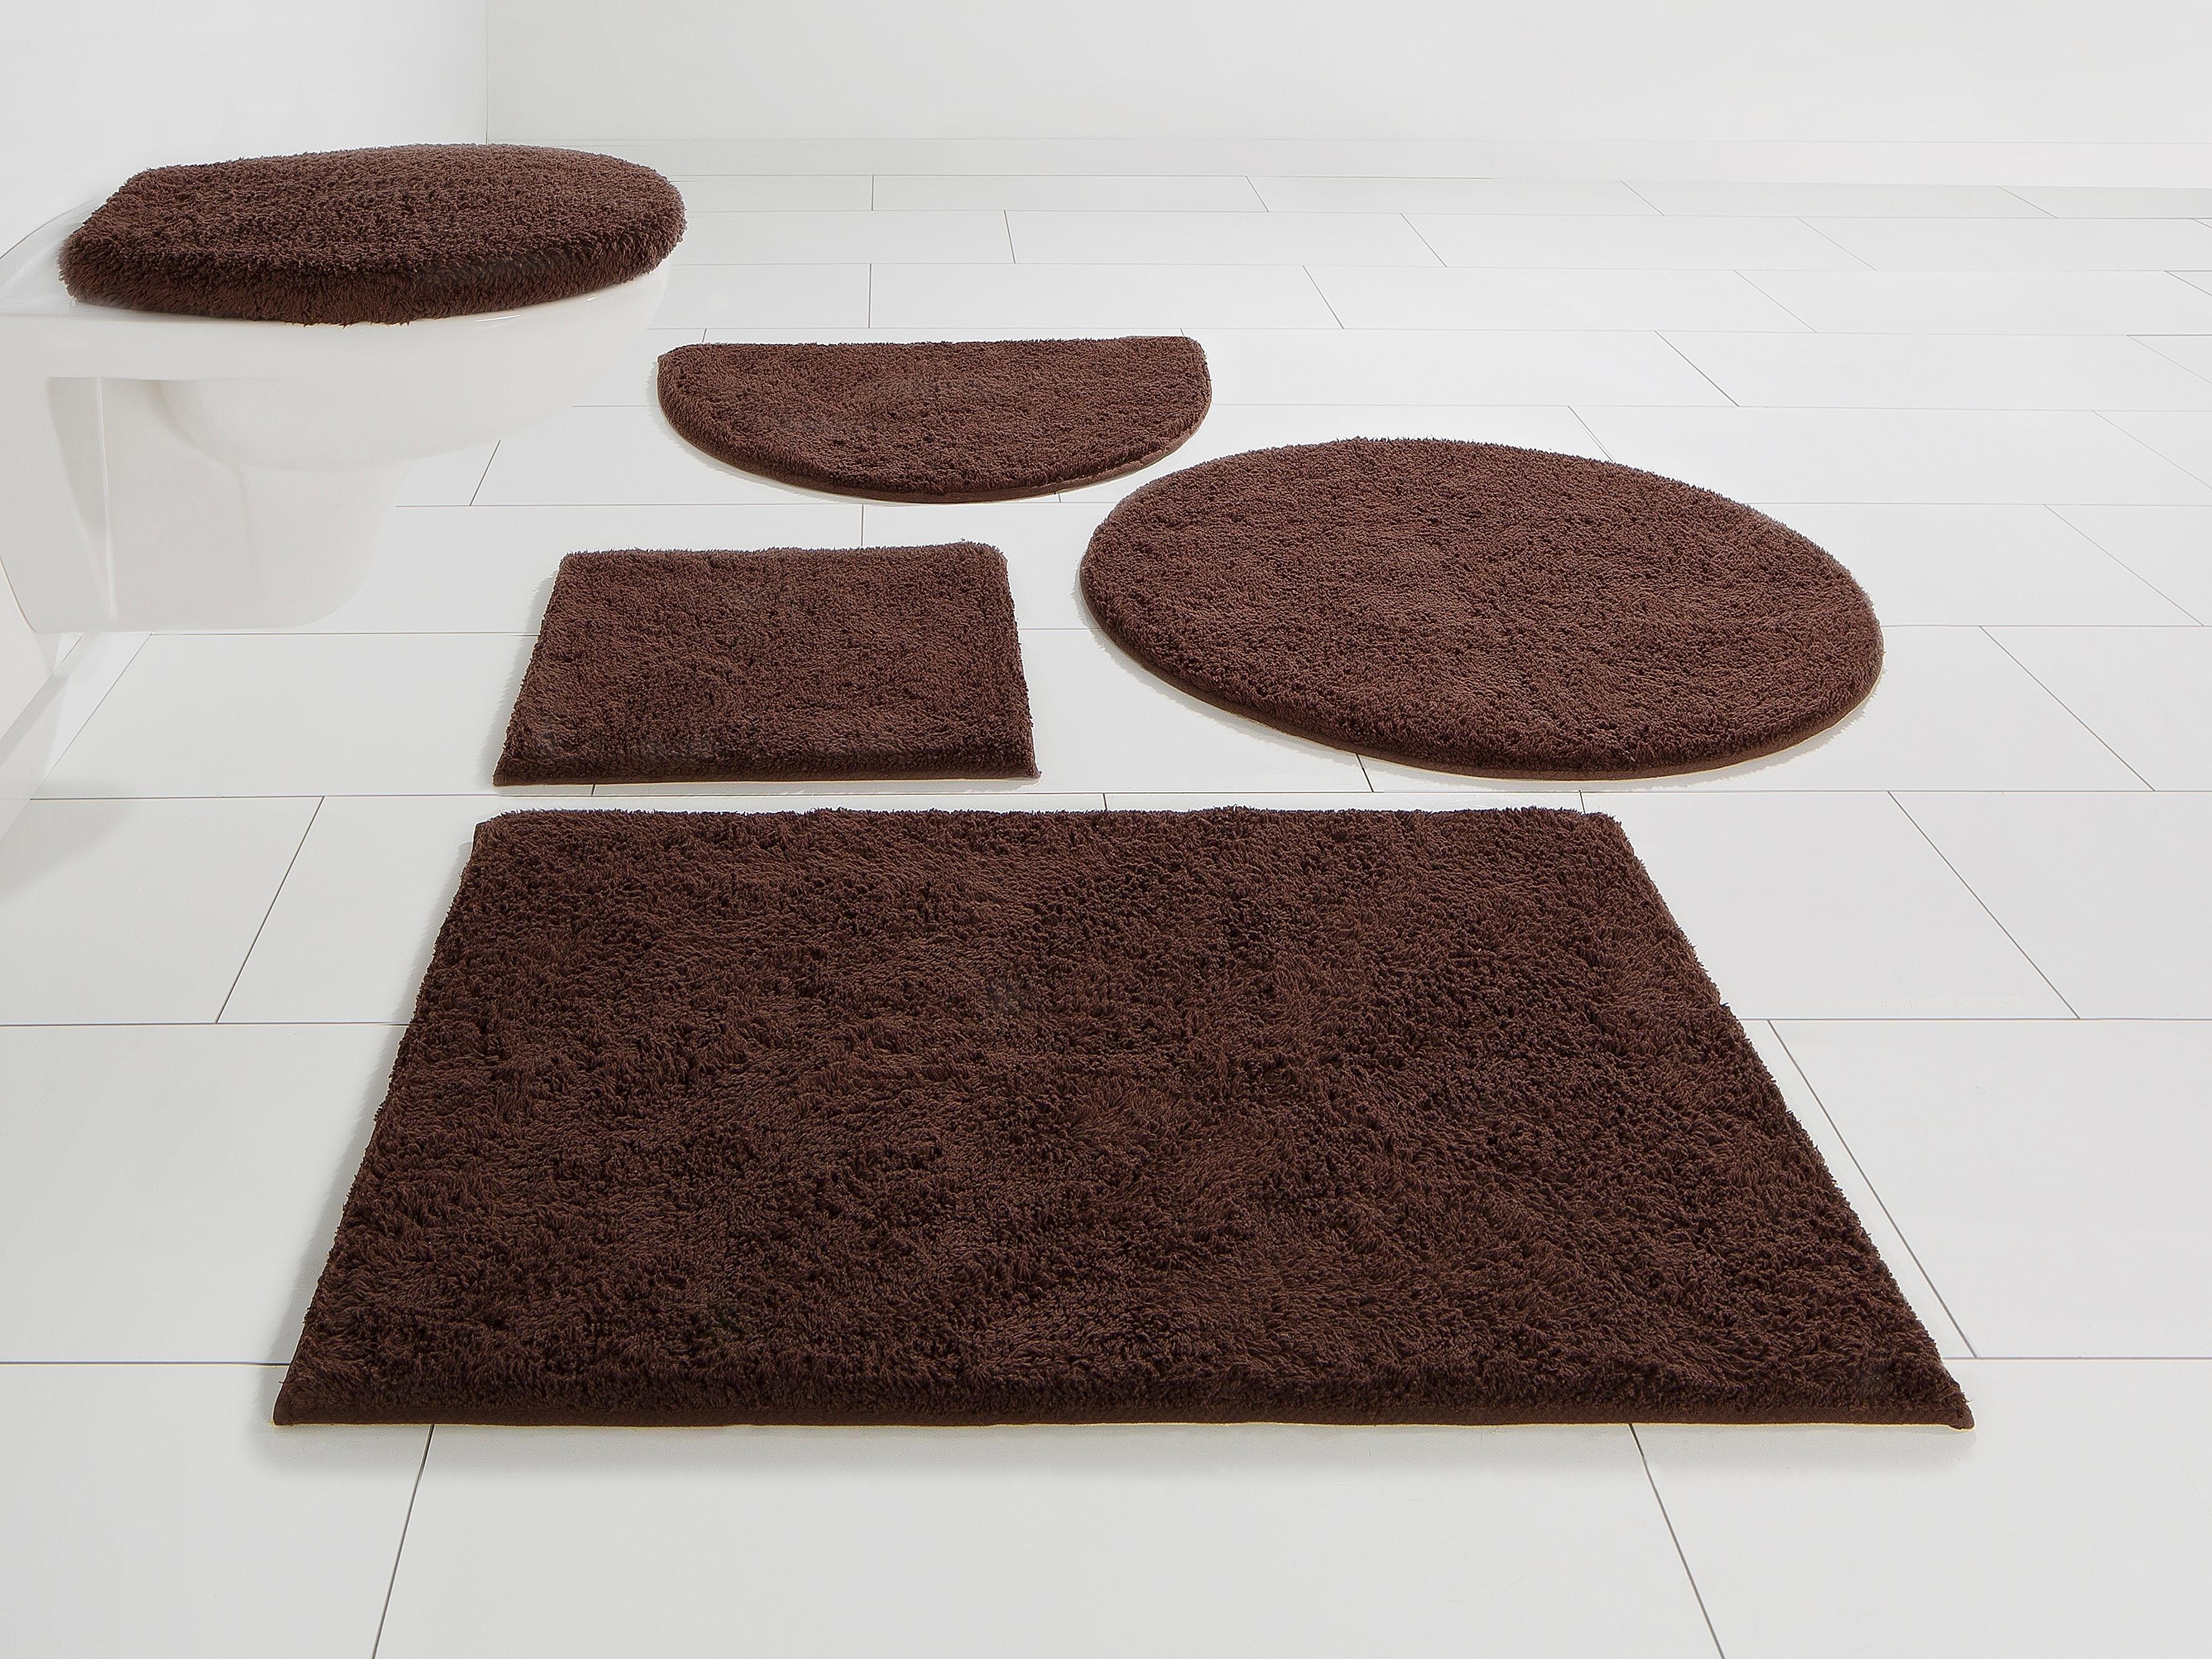 Home affaire Badmat »Maren«, hoogte 15 mm, met antislip-coating, geschikt voor vloerverwarming veilig op otto.nl kopen